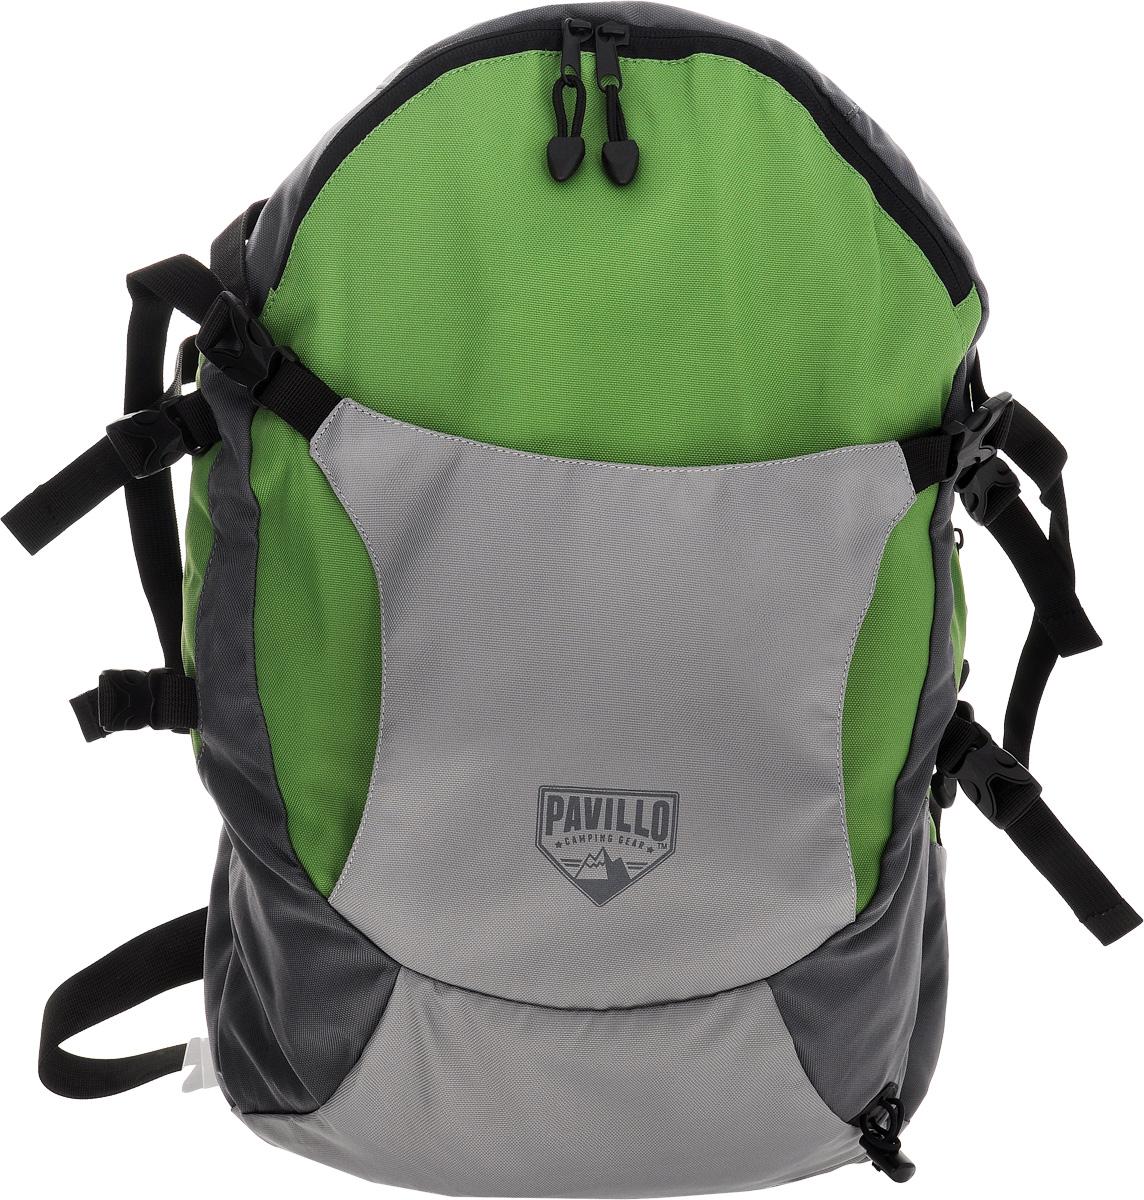 Bestway Рюкзак городской Big Canyon, цвет: серый, зеленый, 30 л. 6801768017_зеленыйСтильный городской рюкзак Bestway Big Canyon выполнен из полиэстера. Изделие имеет два основных отделения, которые закрываются на застежки-молнии и дополнительно на ремешки с застежками-фастекс.Внутри одного из отделений расположен мягкий карман для ноутбука, закрывающийся на хлястик с липучкой. Снаружи, на передней стенке расположены отделение для шлема, фиксирующееся на застежки-фастекс и нашивной карман на застежке-молнии, внутри которого шесть накладных кармашков и два держателя для авторучек. На задней стенке предусмотрен прорезной карман на застежке-молнии.Мягкая спинка с вставками из сетчатого материала комфортна при движении. Рюкзак оснащен широкими мягкими регулирующими лямками, удобной ручкой для переноски в руках и поясным регулирующим ремнем с застежкой-фастекс. Поясной ремень дополнен боковыми мягкими вставками. Лямки дополнены перемещаемым регулирующим нагрудным ремнем с застежкой-фастекс. Такой рюкзак станет незаменимым в повседневной жизни.